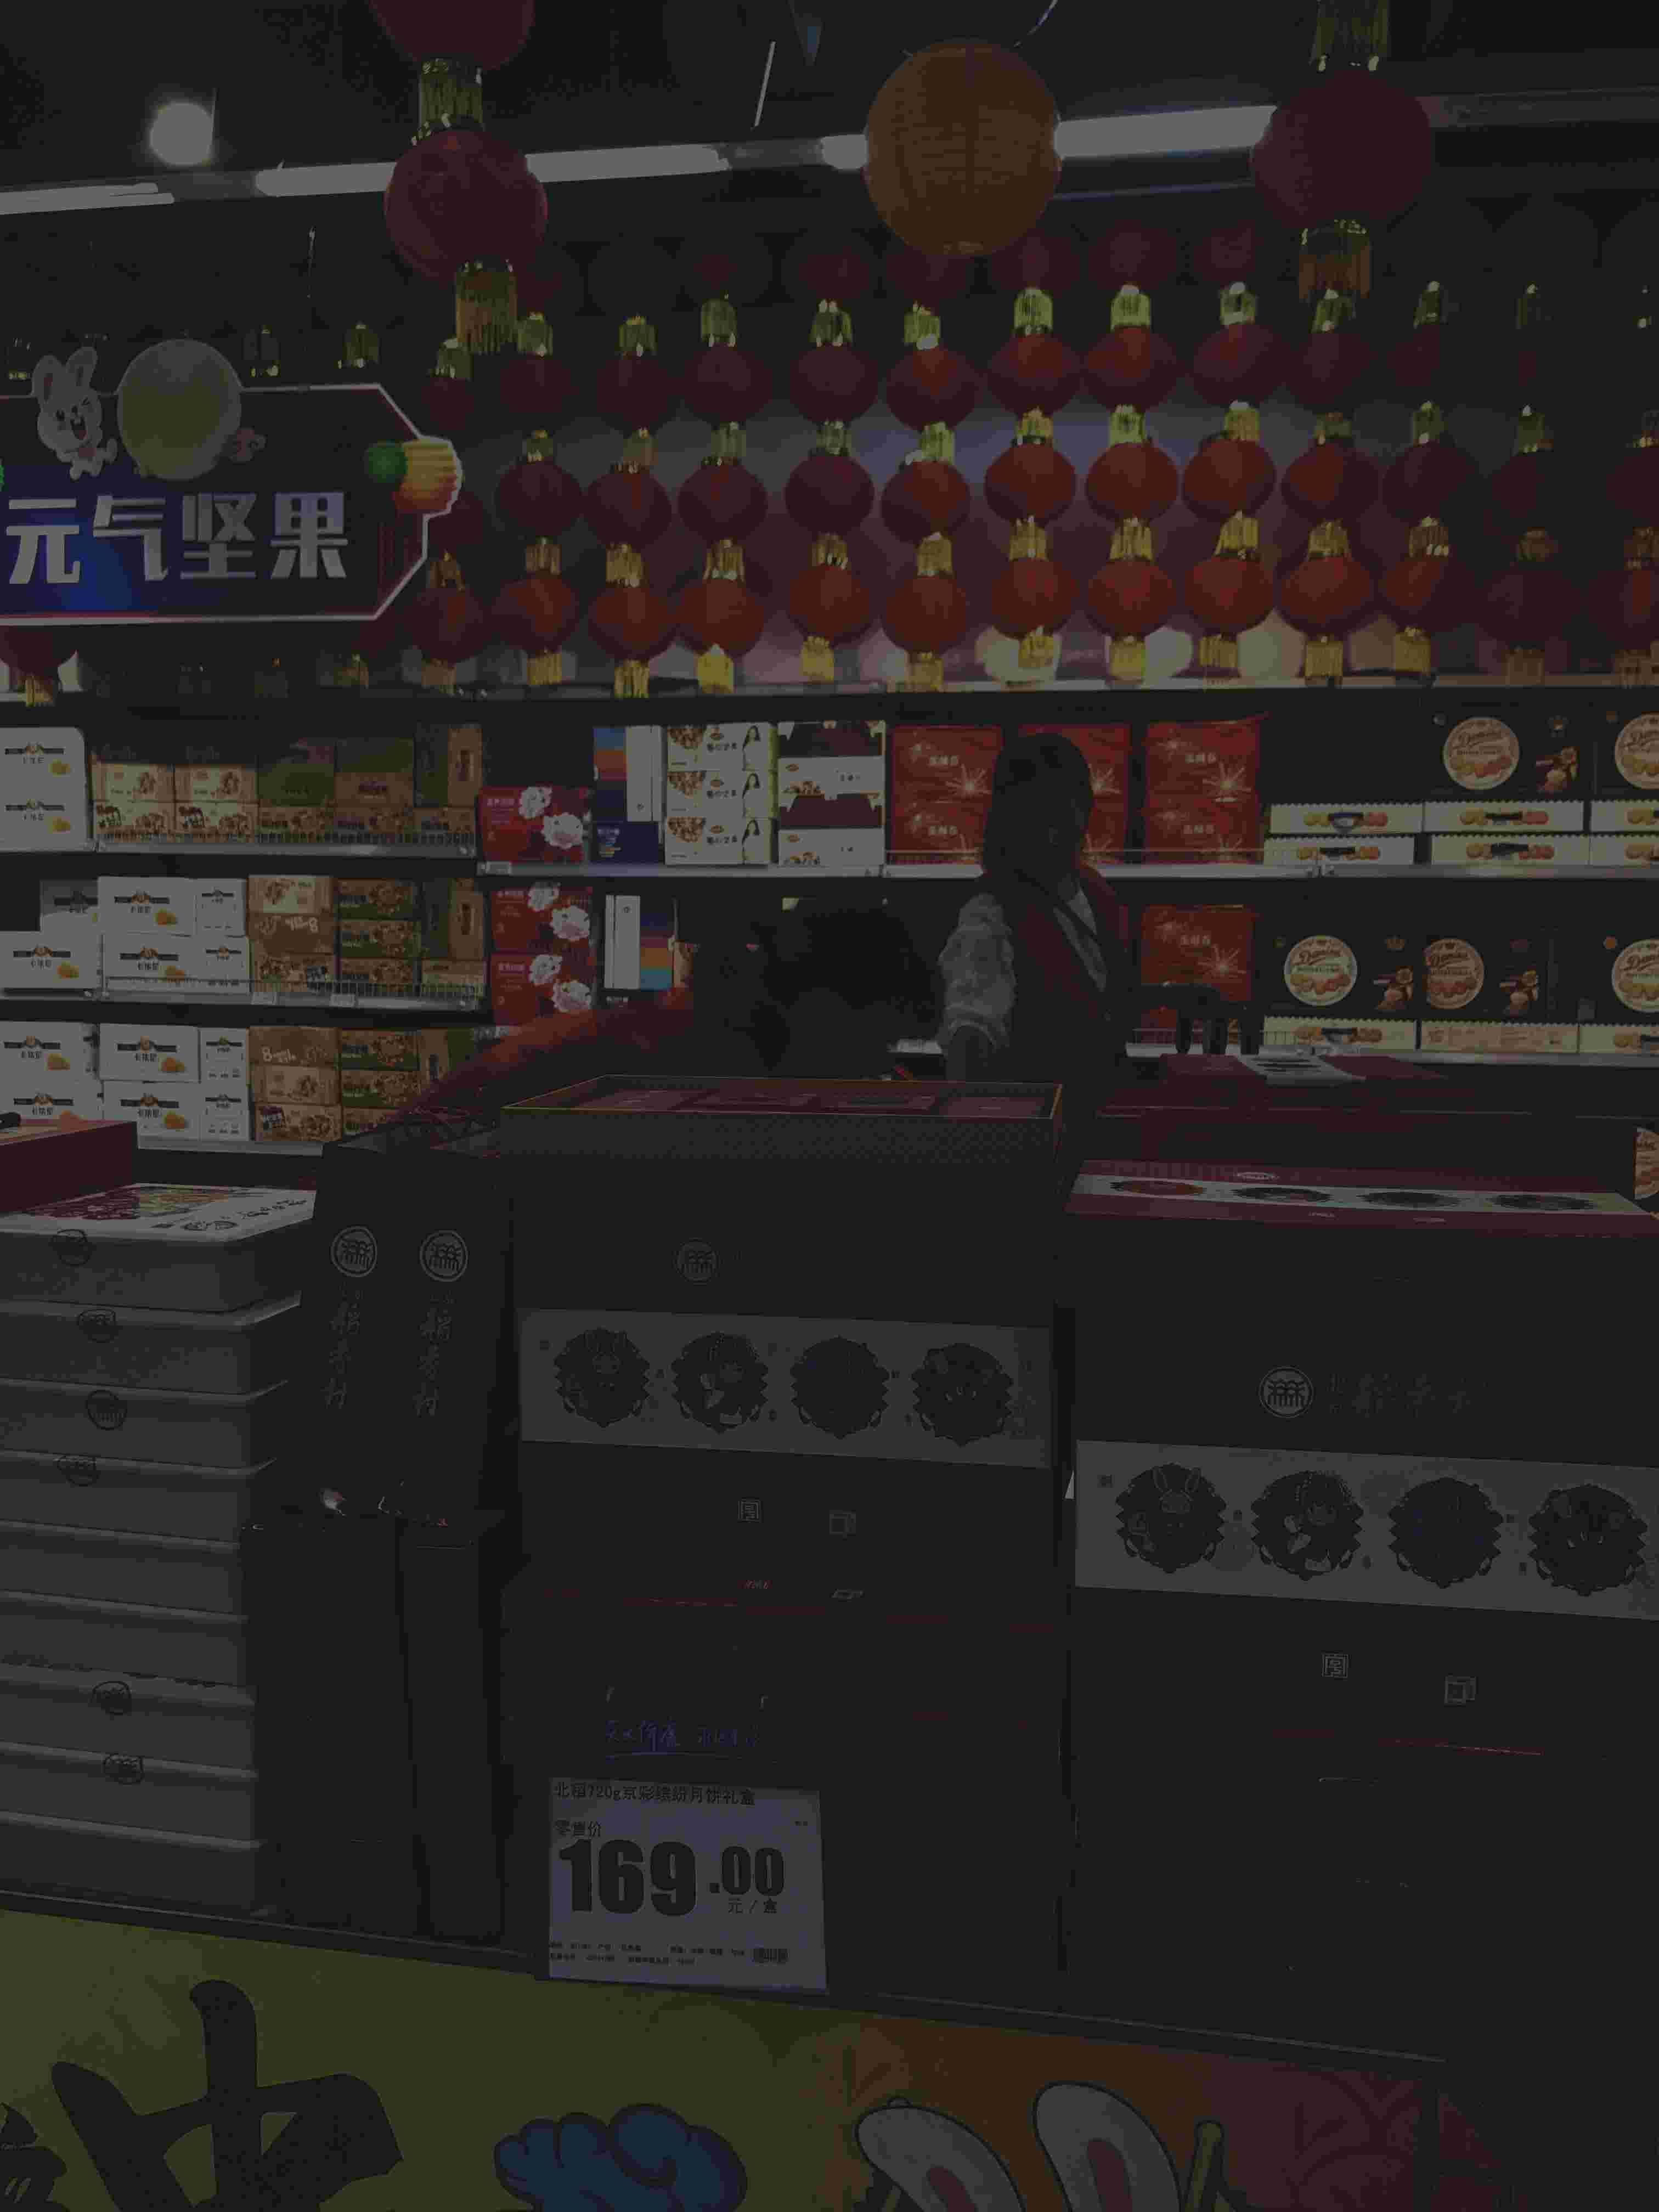 中秋佳节已过月饼价格上演疯狂大跳水